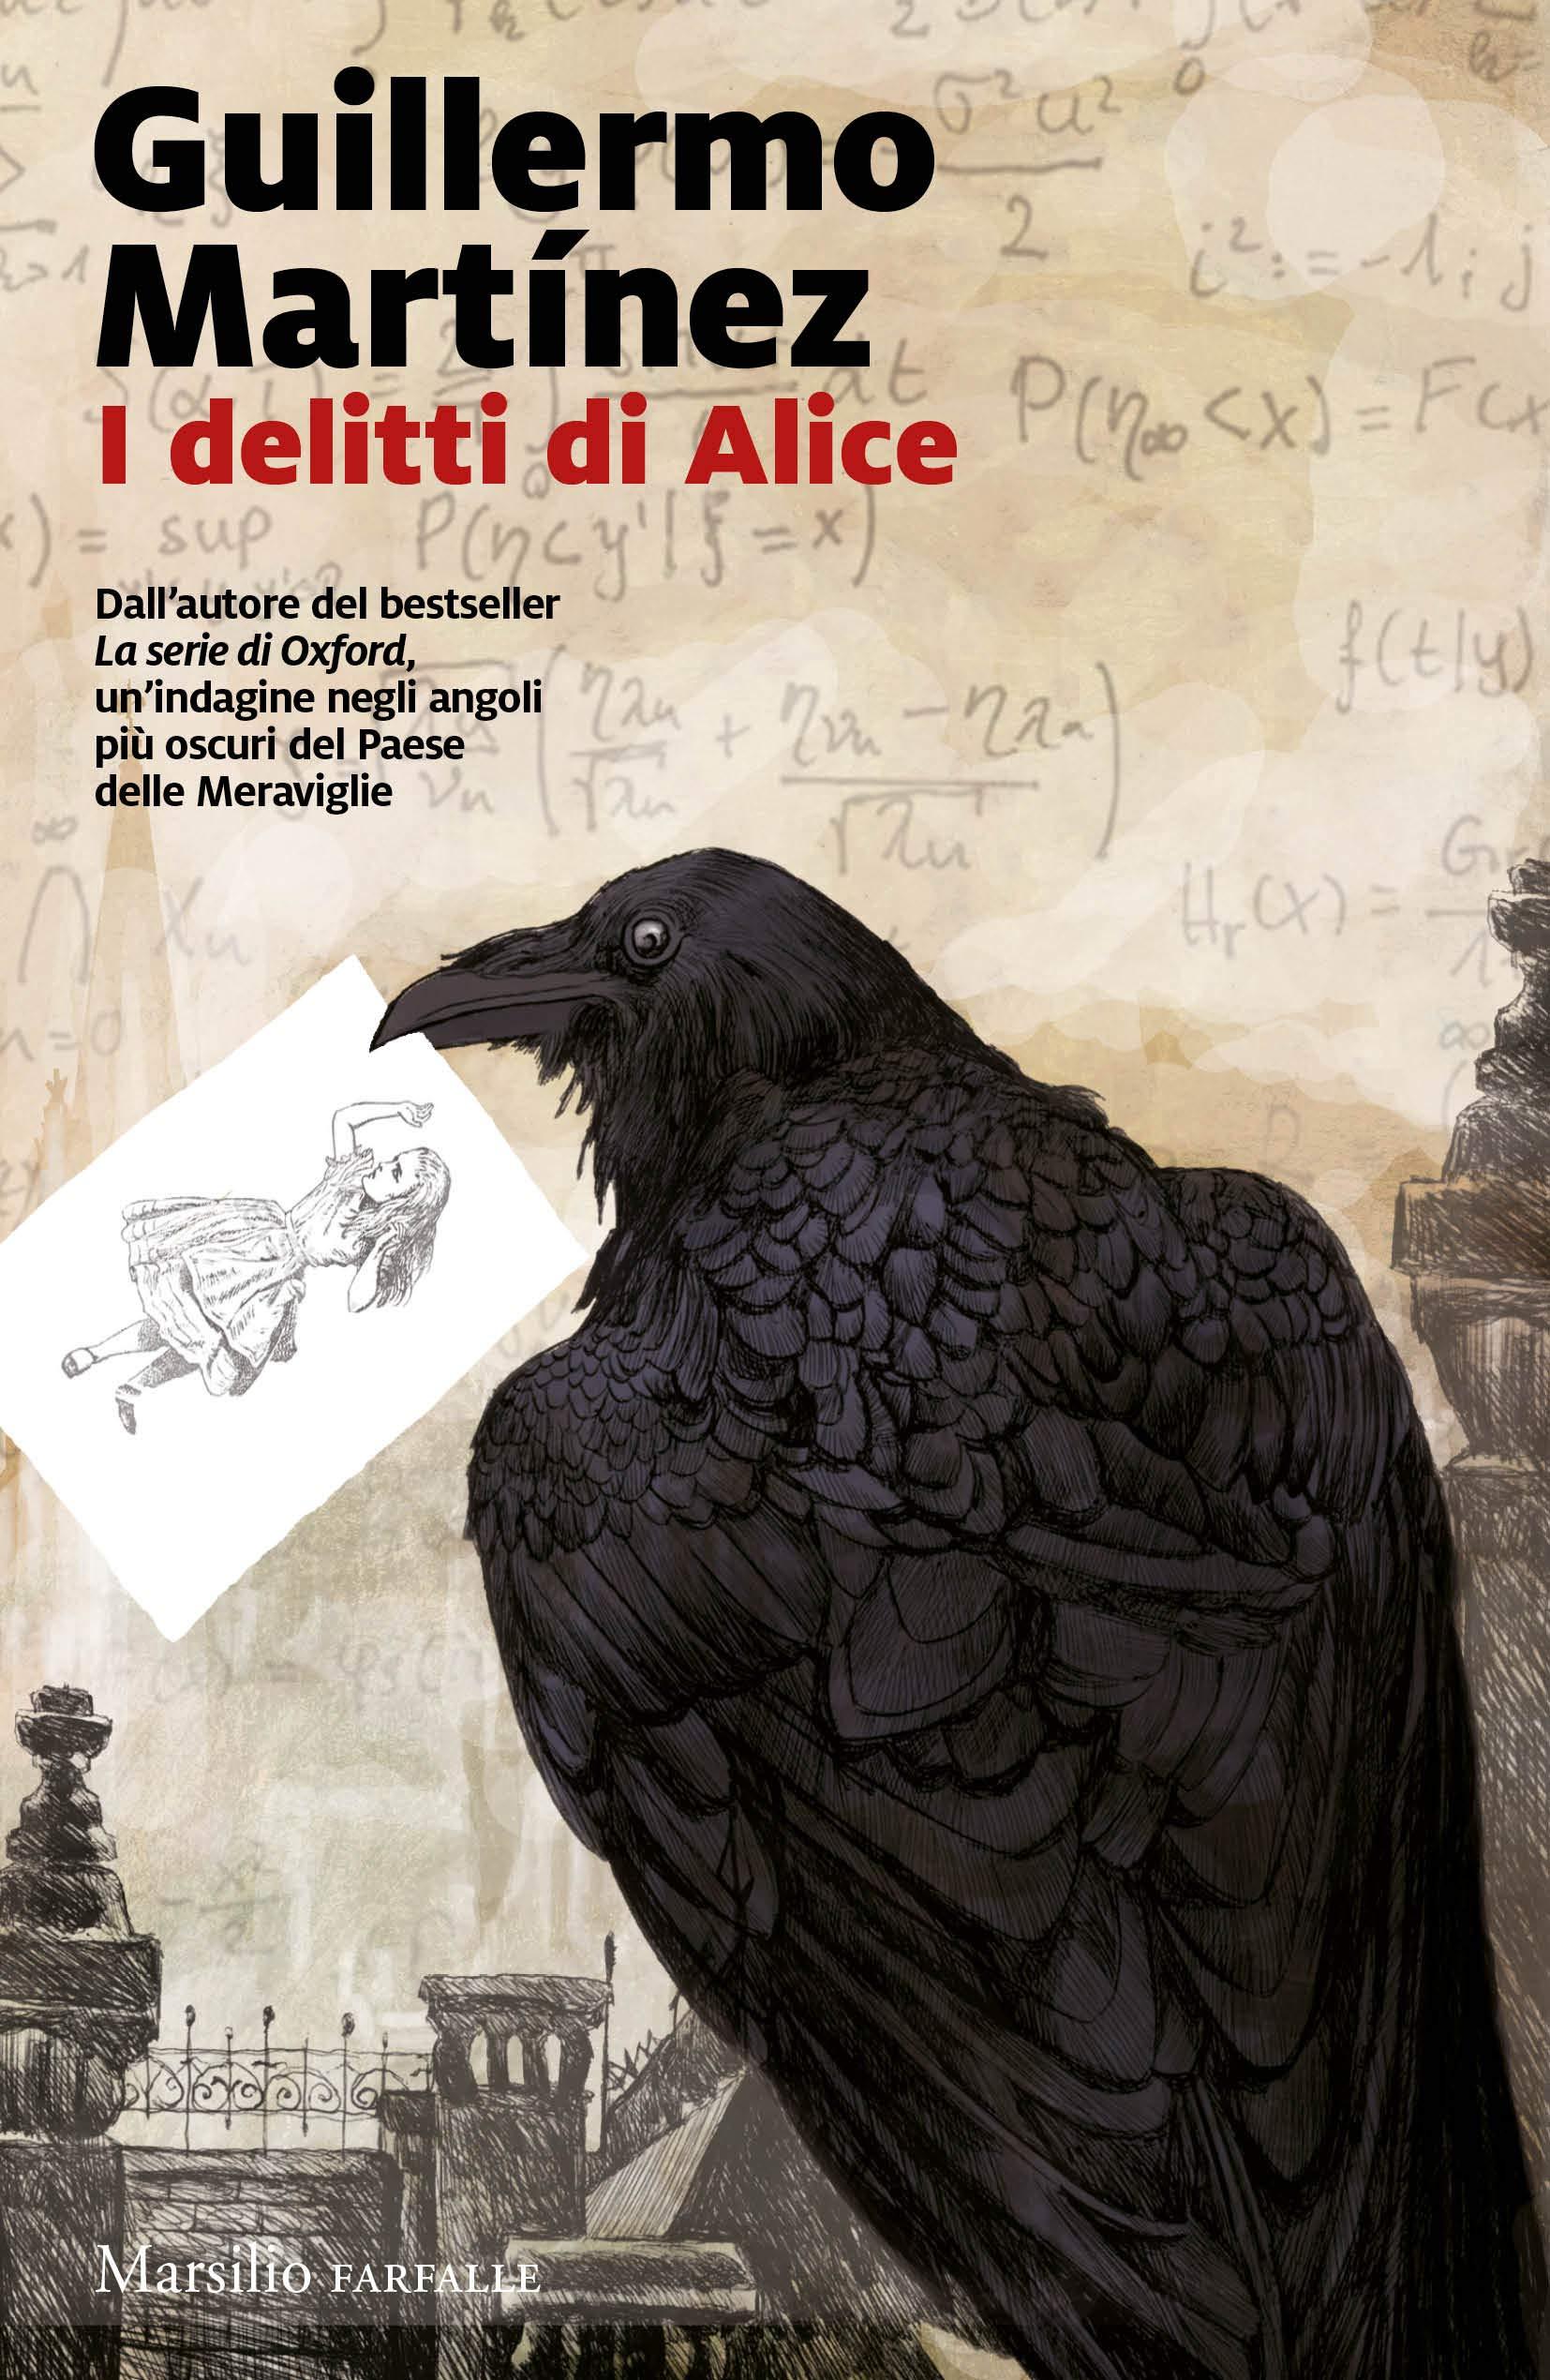 I delitti di Alice. Le indagini del professor Seldom di Guillermo Martìnez.